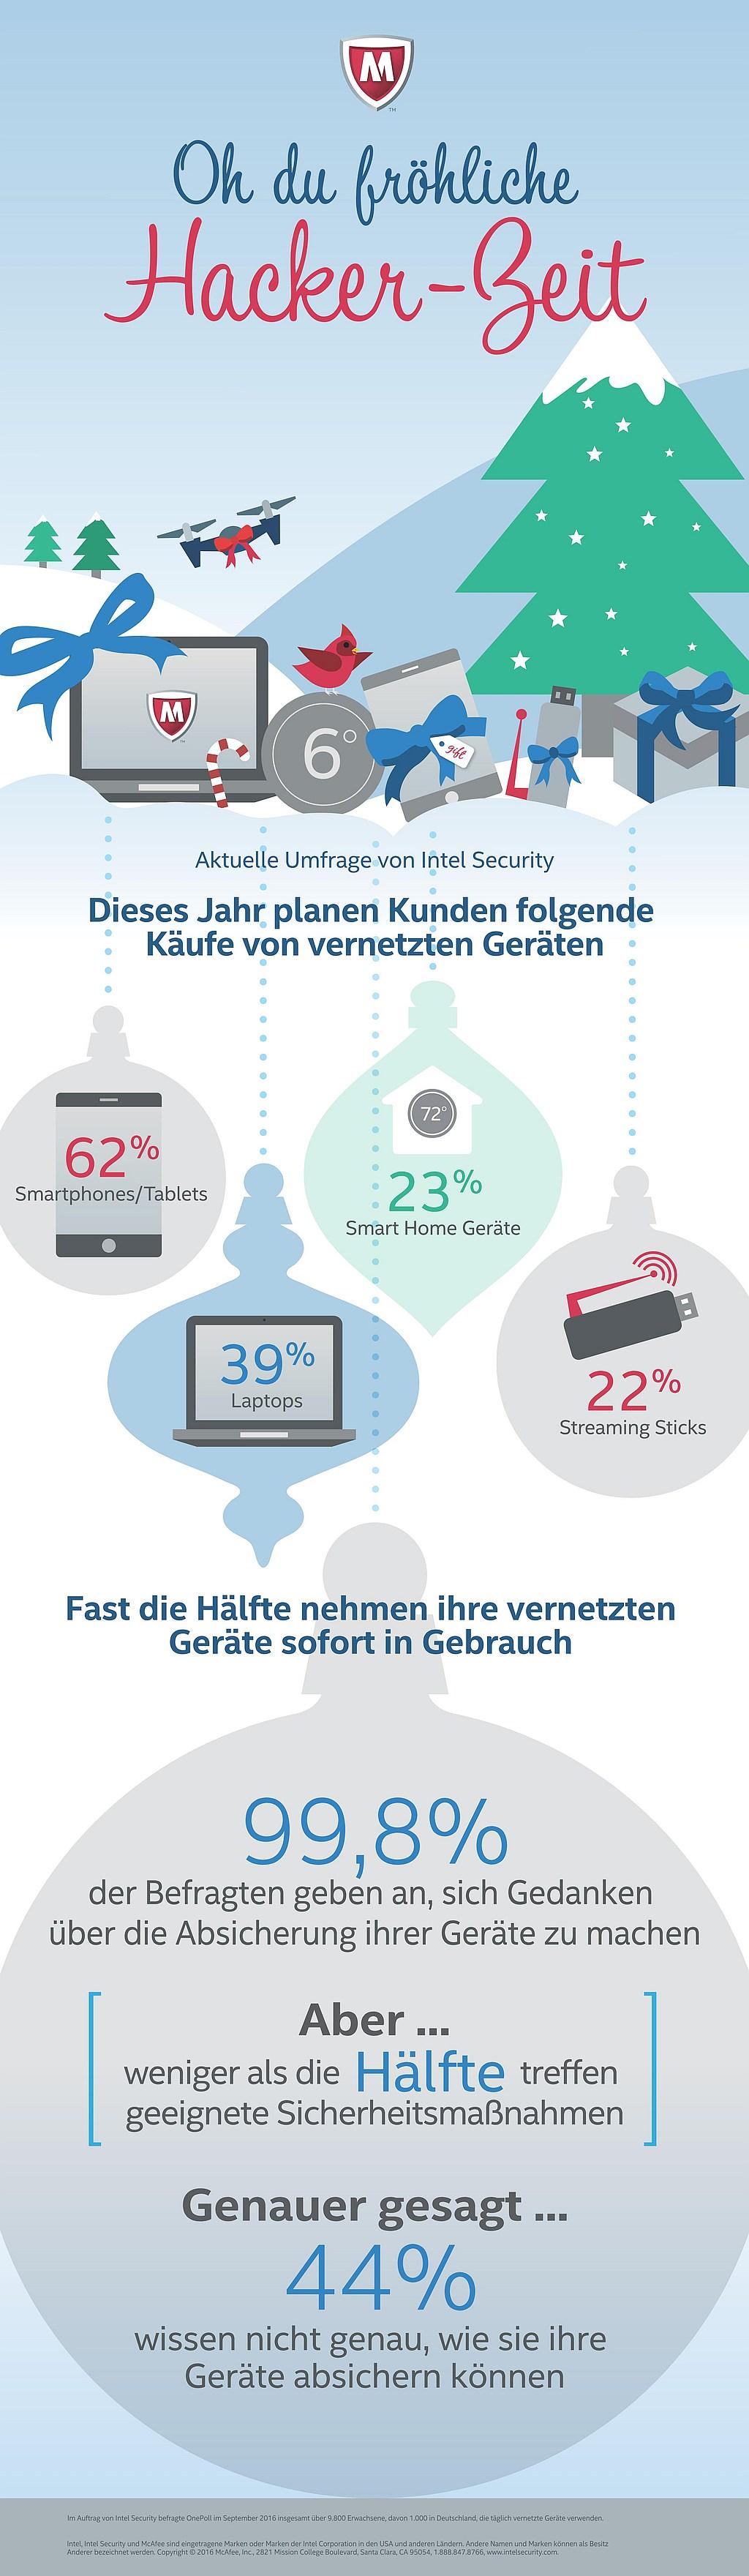 infografik-mcafee_hackablegifts-de